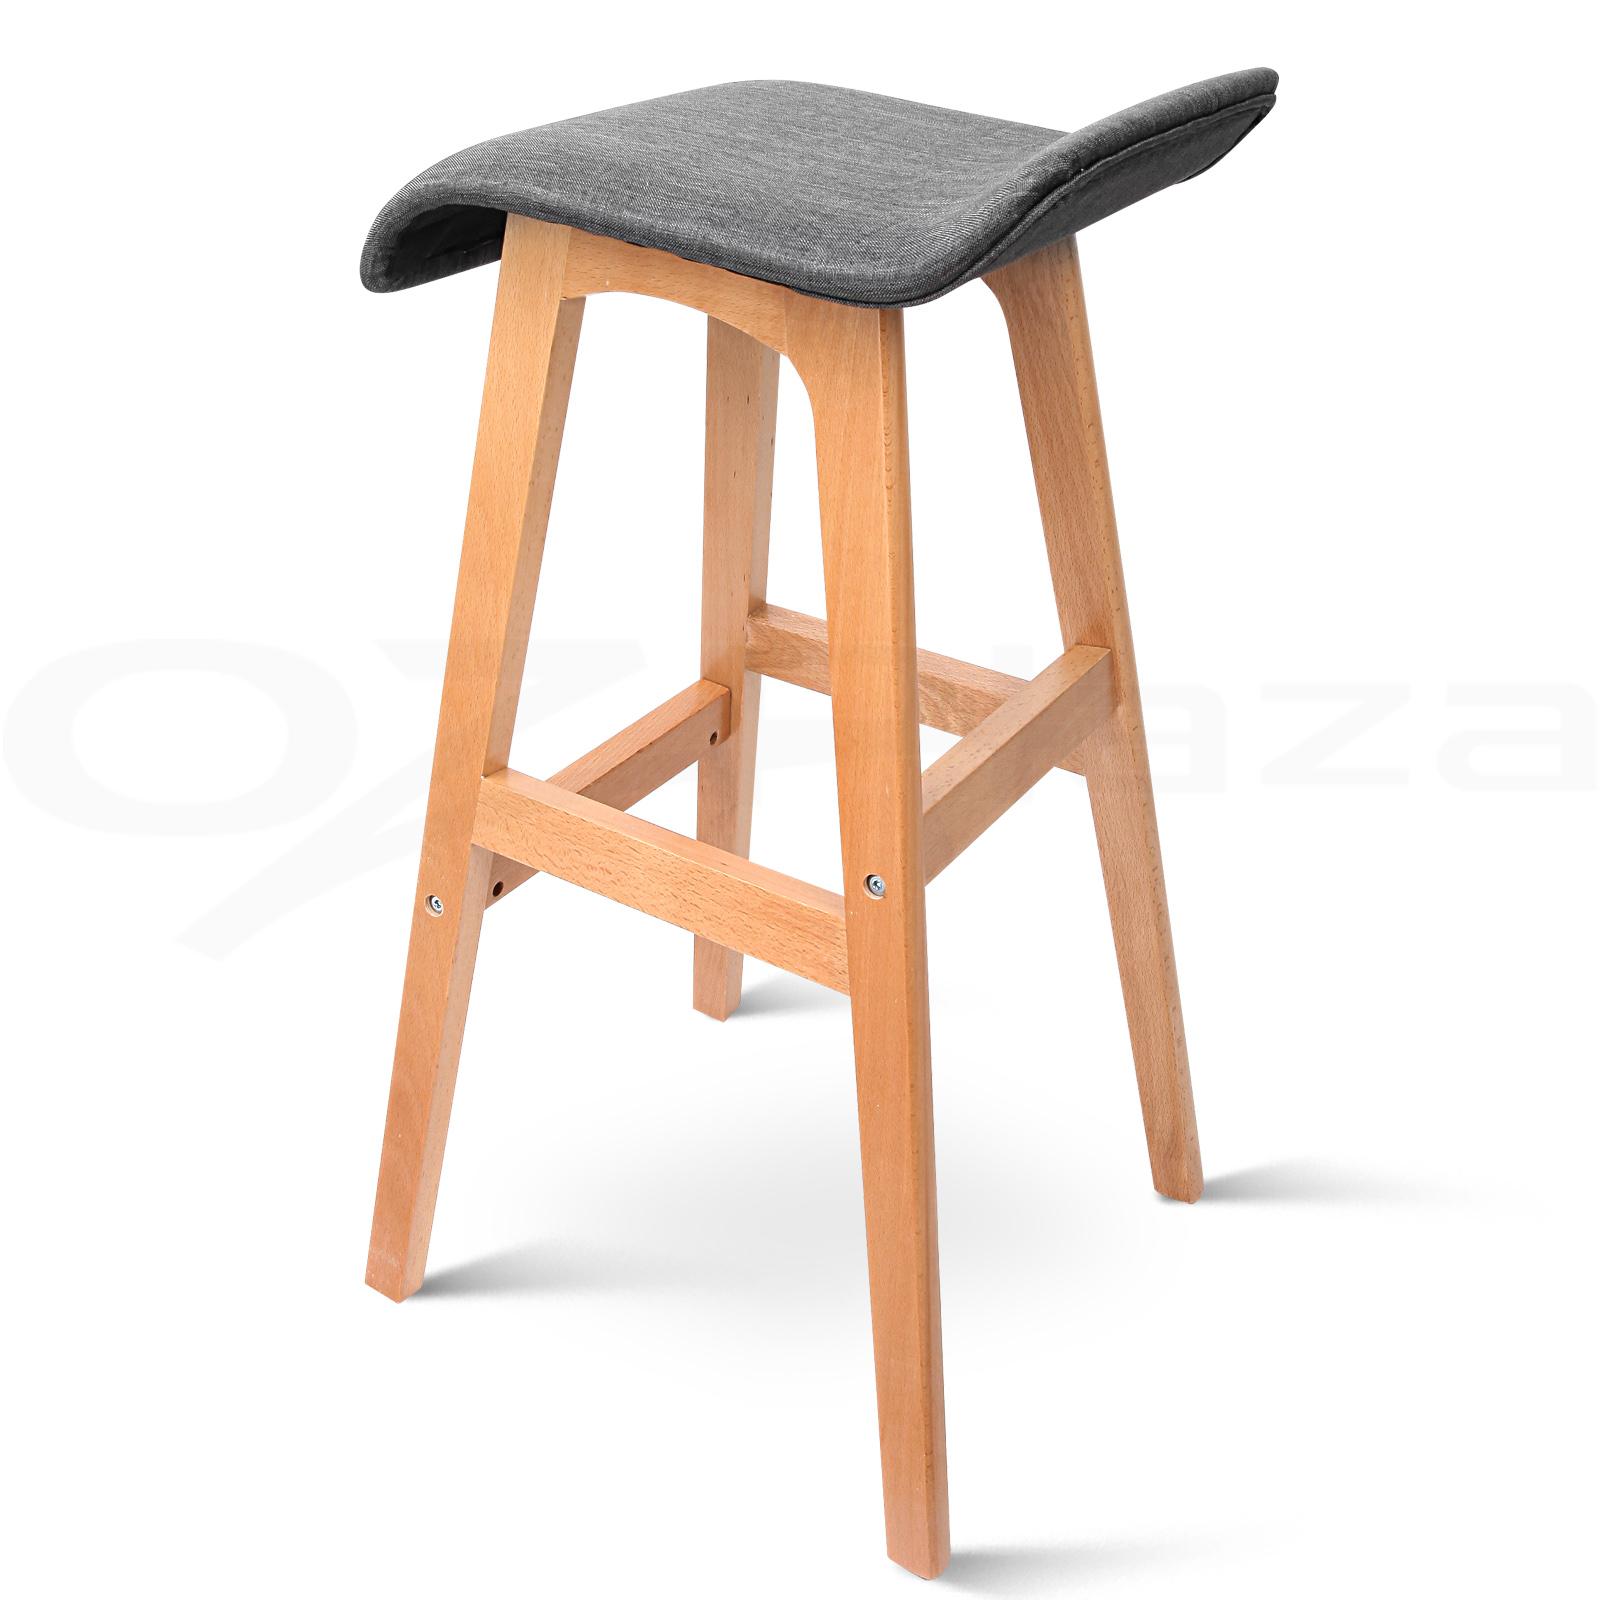 4x Wooden Bar Stools Kitchen Barstool Fabric Foam Seat  : BA TW T1568 BKX4 P07 from www.ebay.com.au size 1600 x 1600 jpeg 442kB